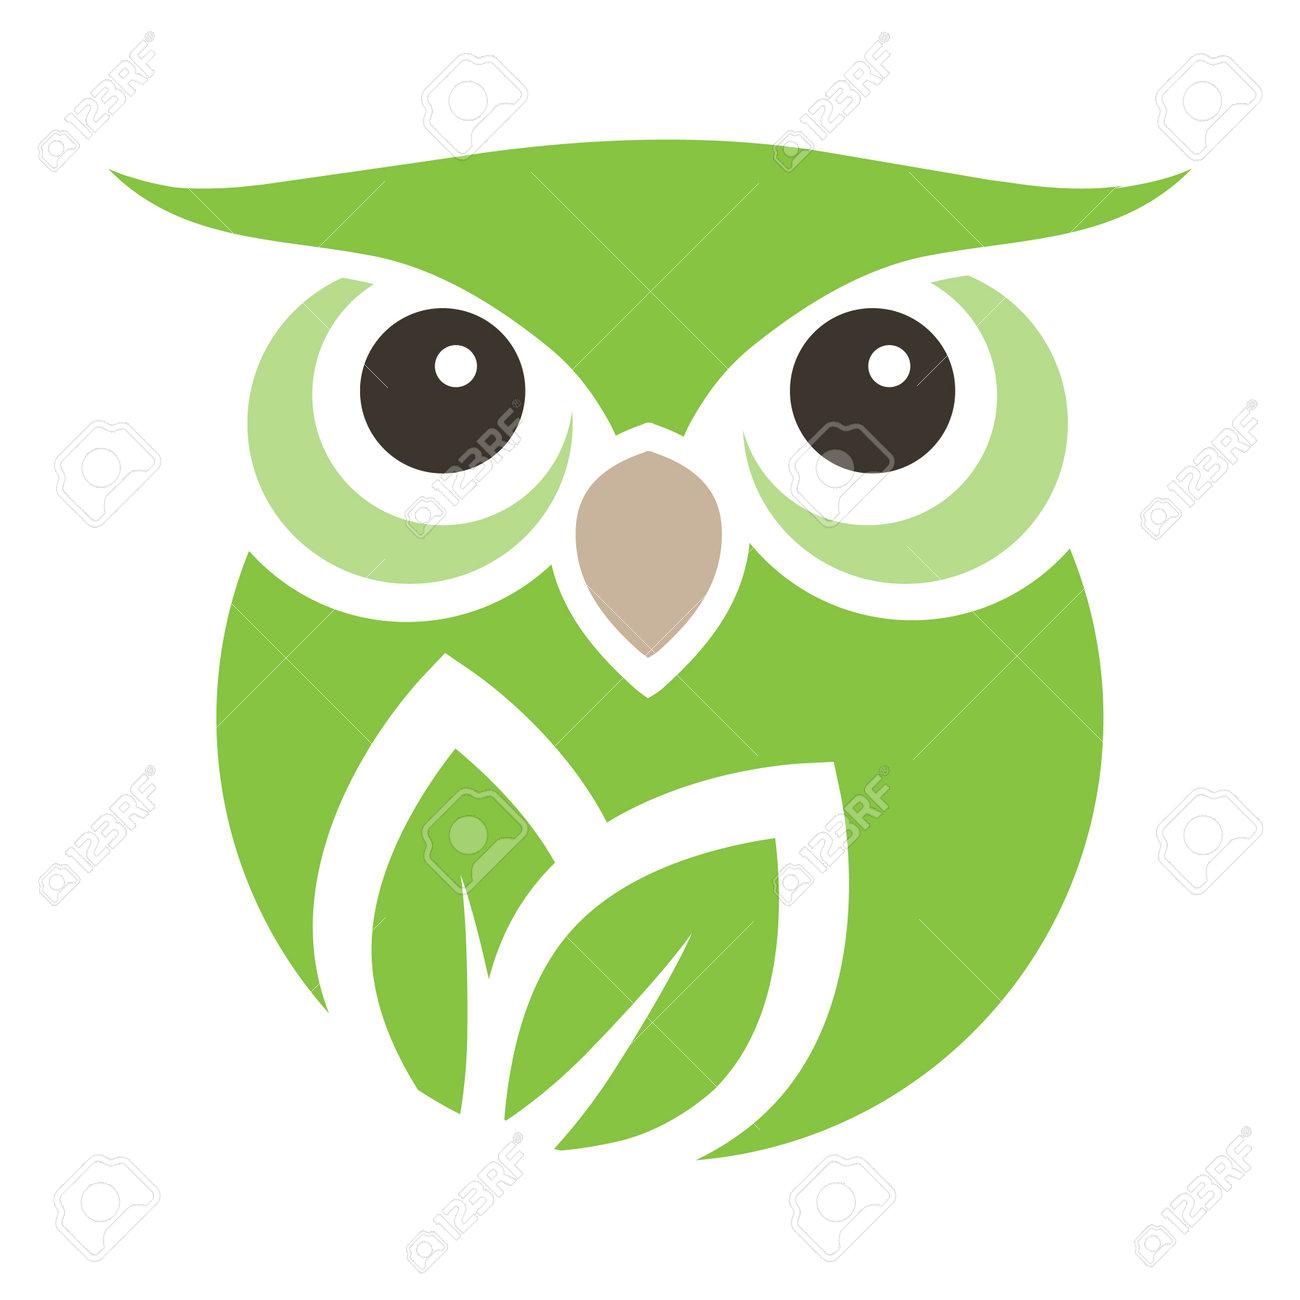 leaves inside owl - 169423773